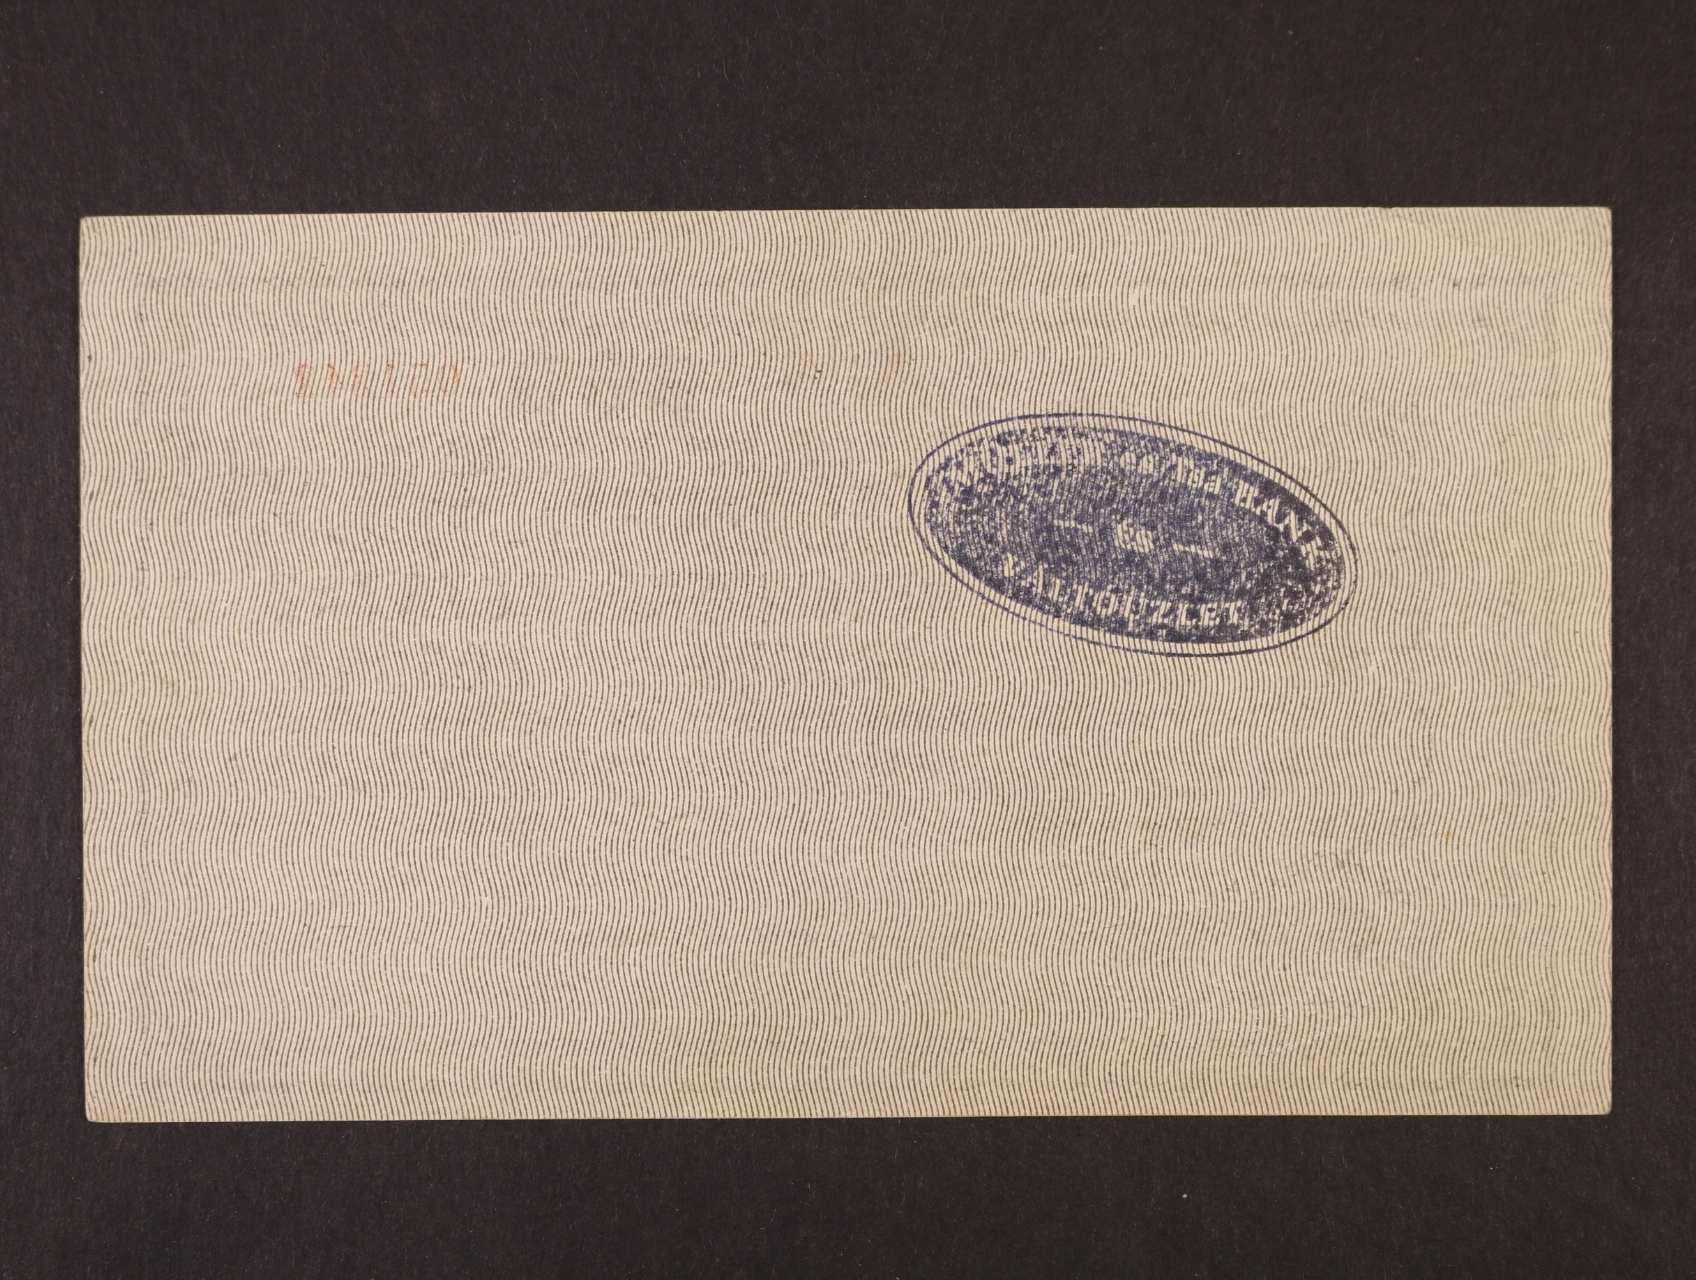 200 K 1918 série A 2067 s podtiskem na R s oválným raz. + suchá pečeť na R z francouzské okupace maďarského území